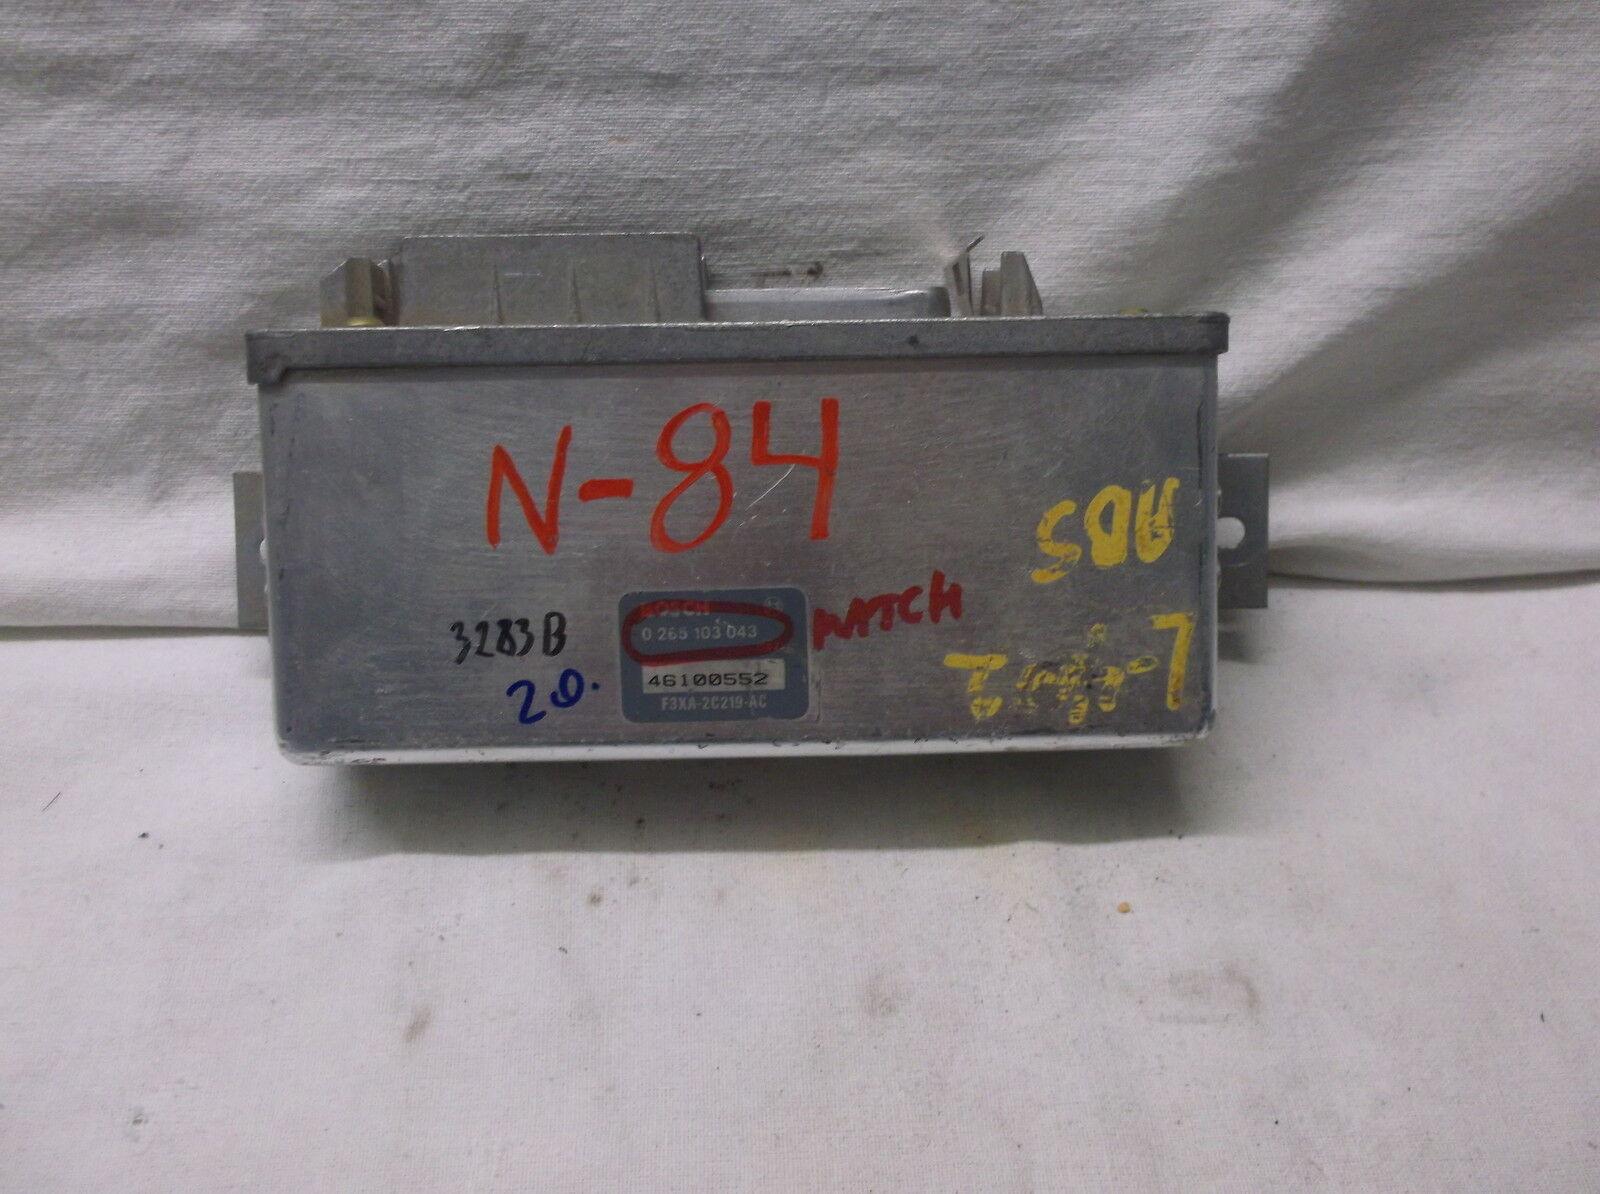 93-94  NISSAN QUEST/ VILLAGER/  A.B.S. CONTROL MODULE - $18.51